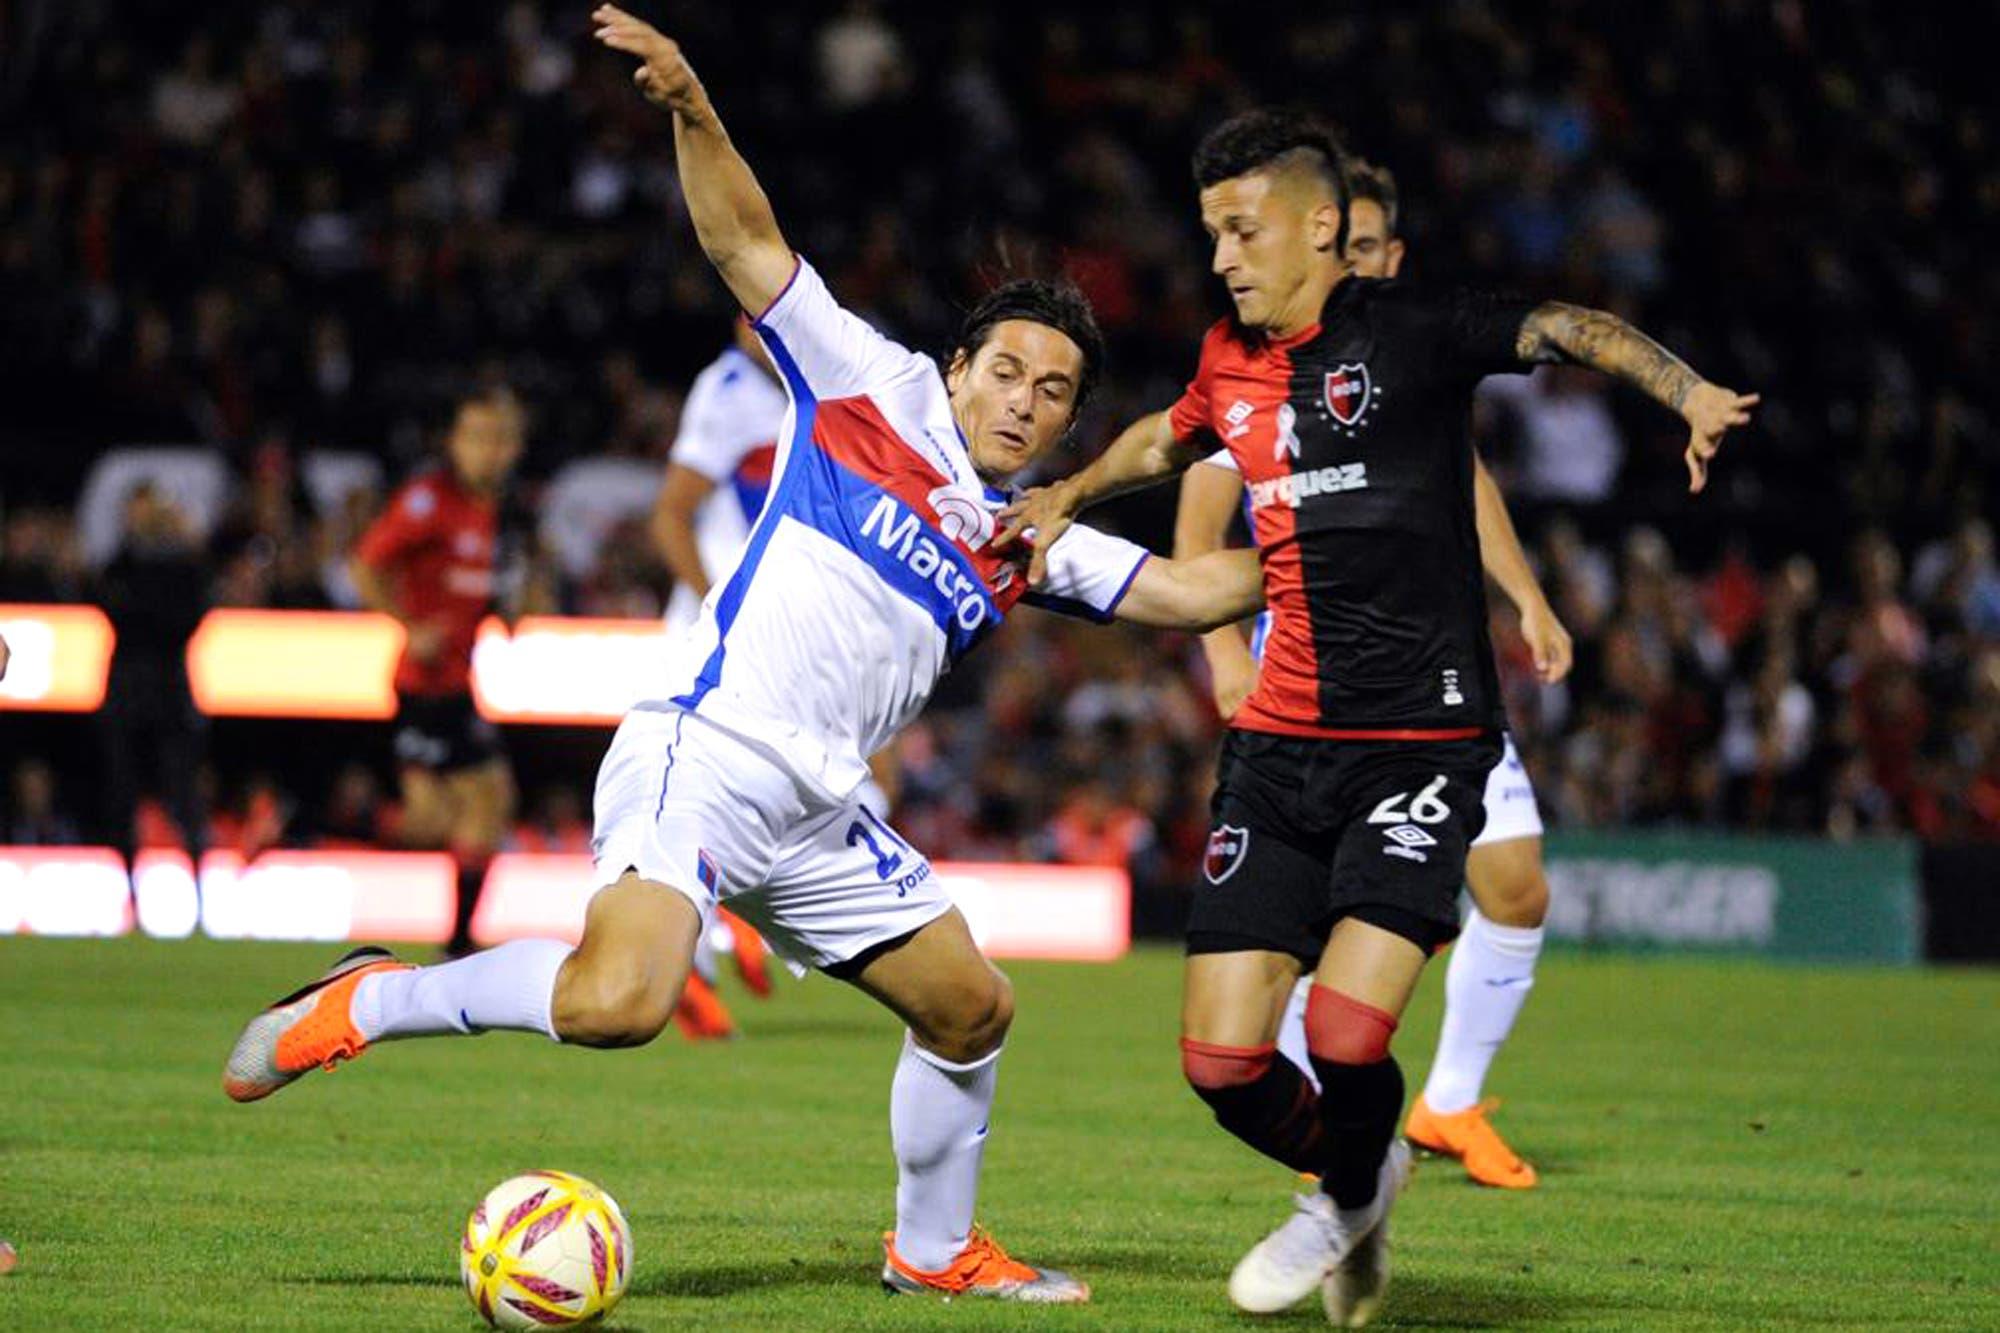 Newell's-Tigre, Superliga: los rosarinos necesitan levantar el nivel